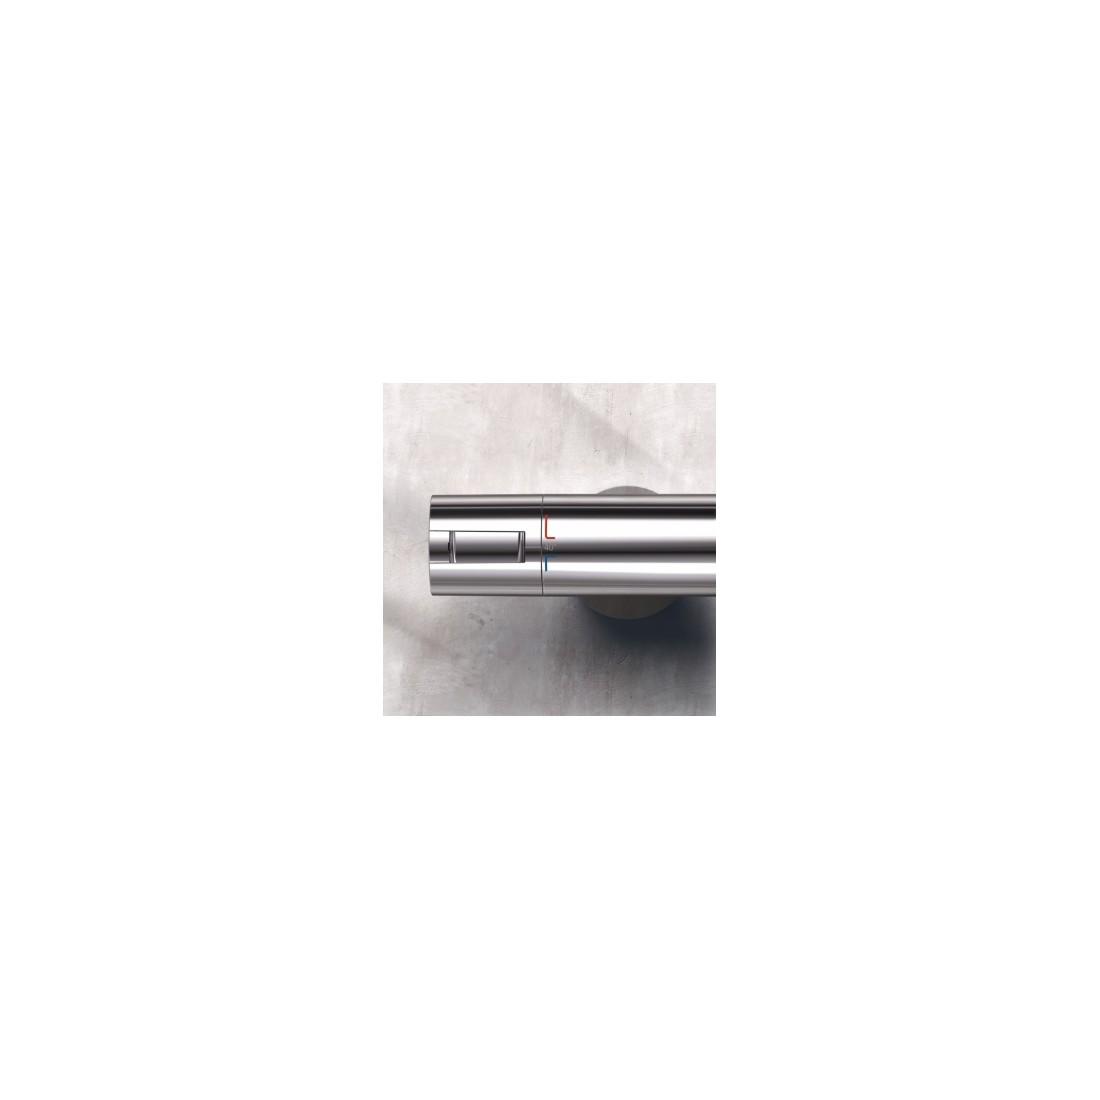 Termostatinis maišytuvas Ideal Standard, Ceratherm 100, voniai